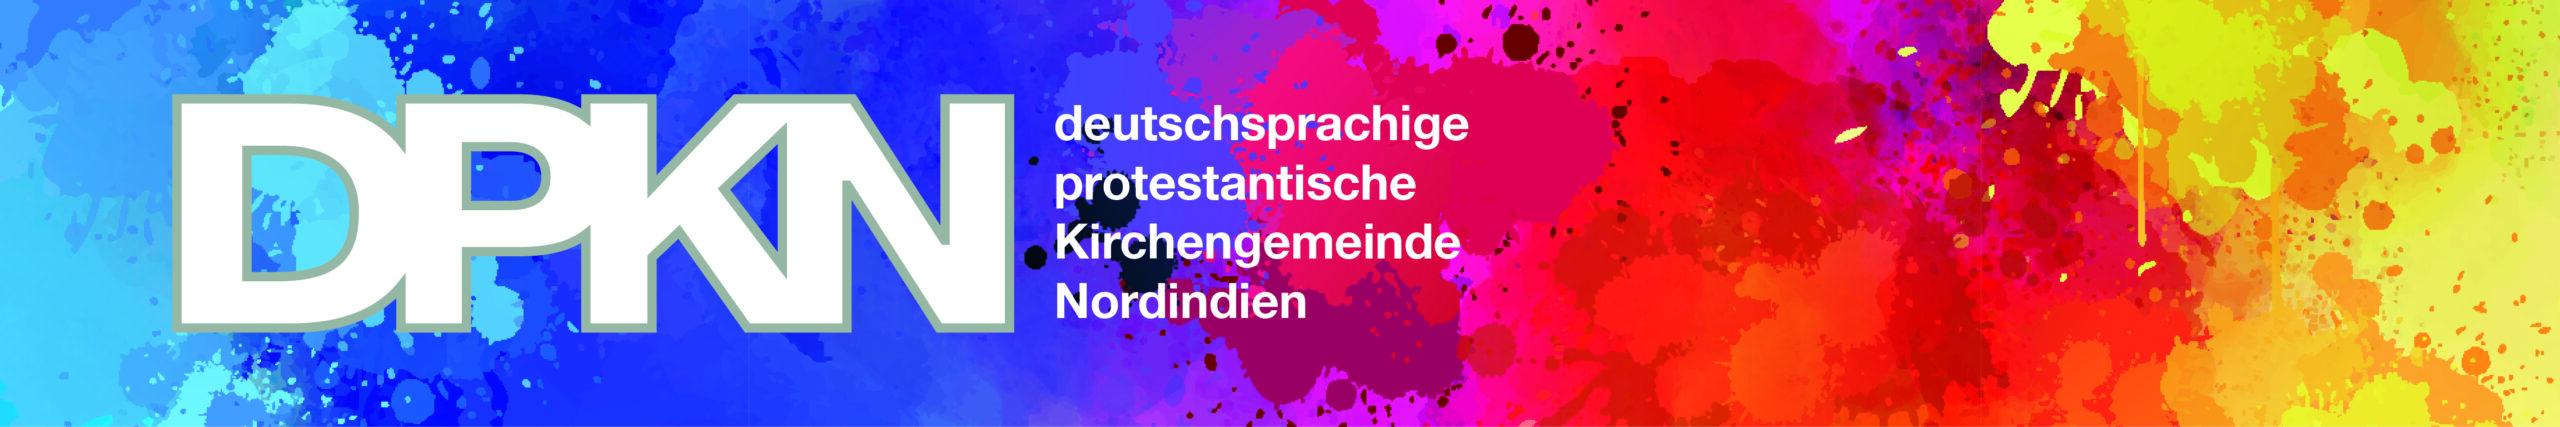 Deutschsprachige Protestantische Kirchengemeinde in Nordindien, Bangladesch und Nepal